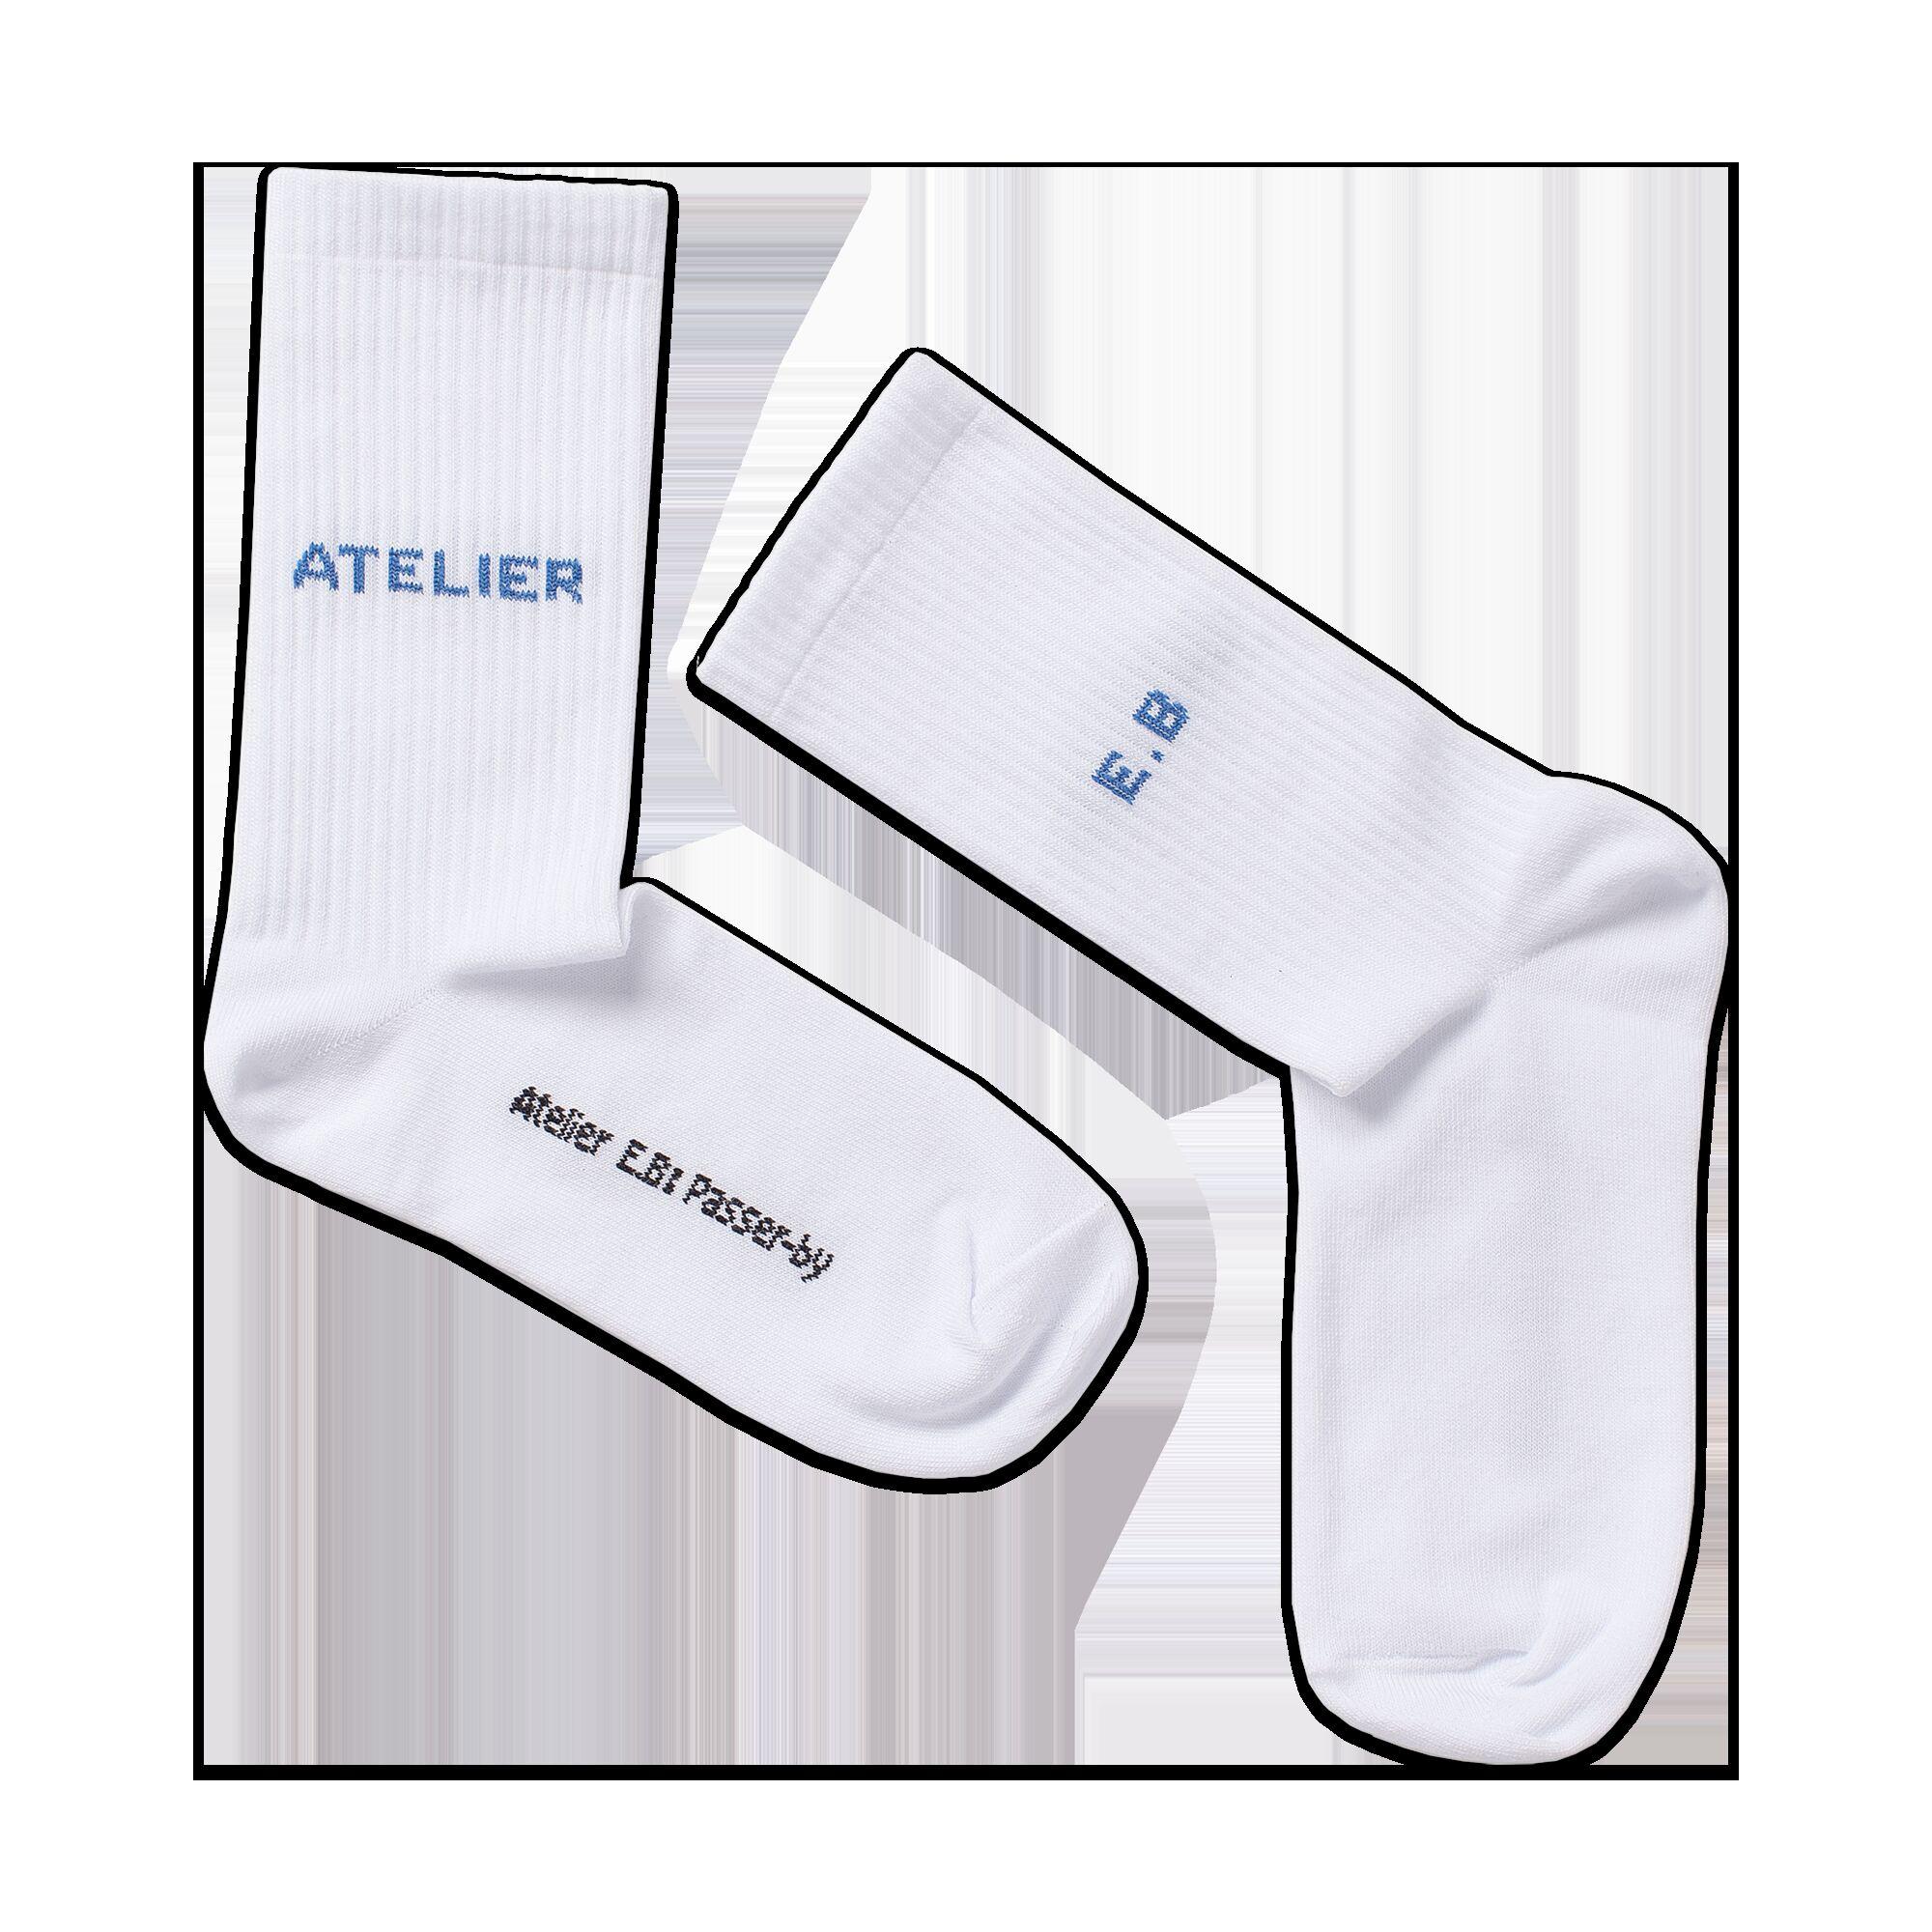 ATELIER E.B socks